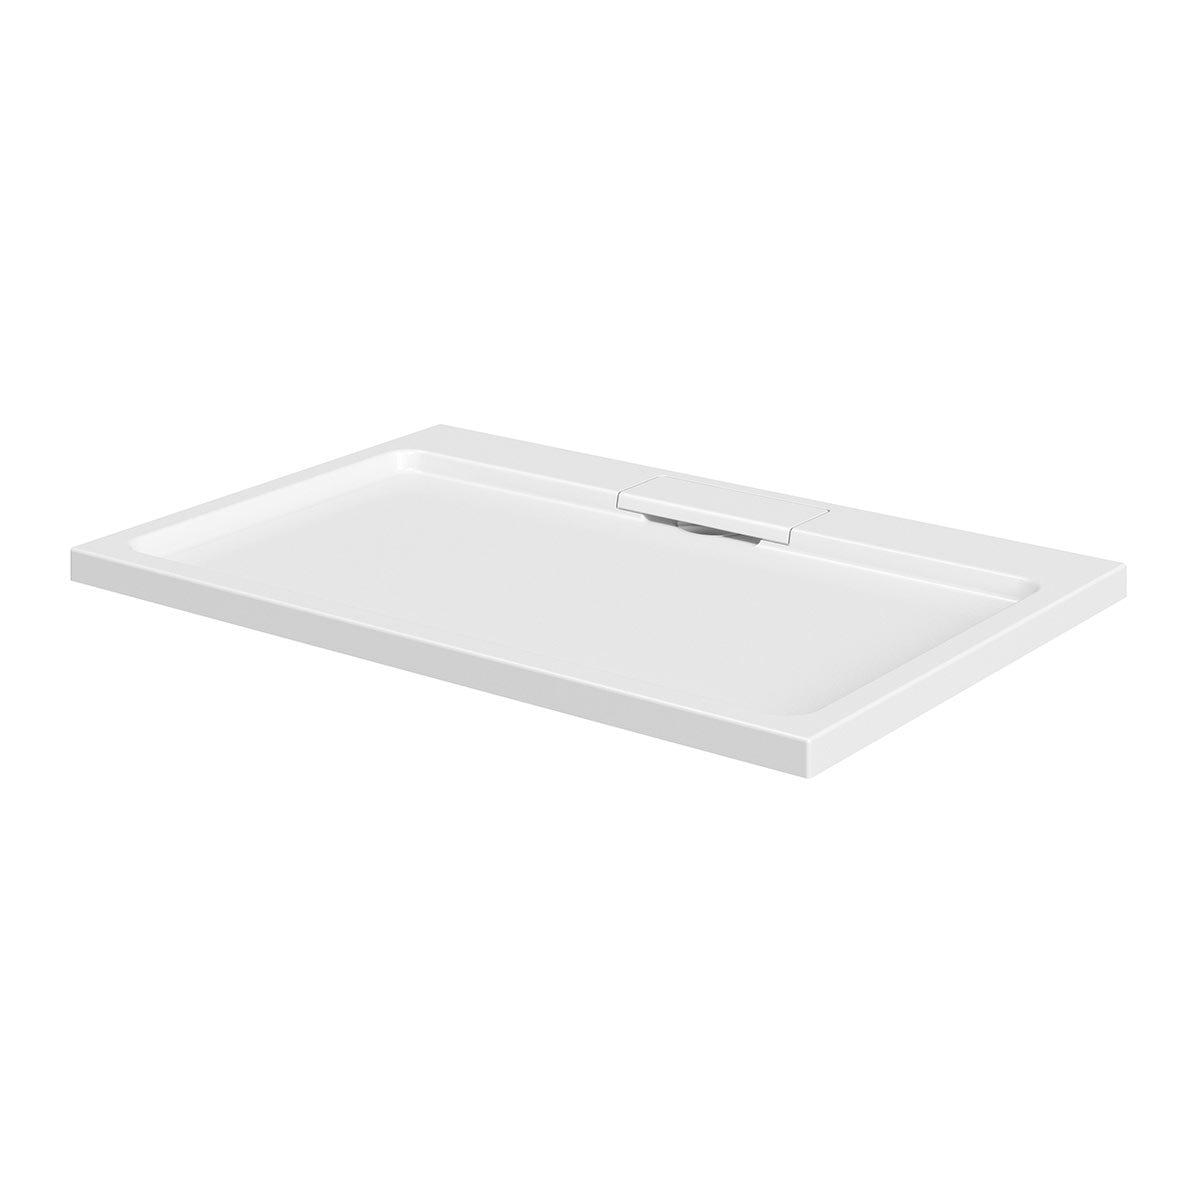 Mode Designer rectangular stone shower tray